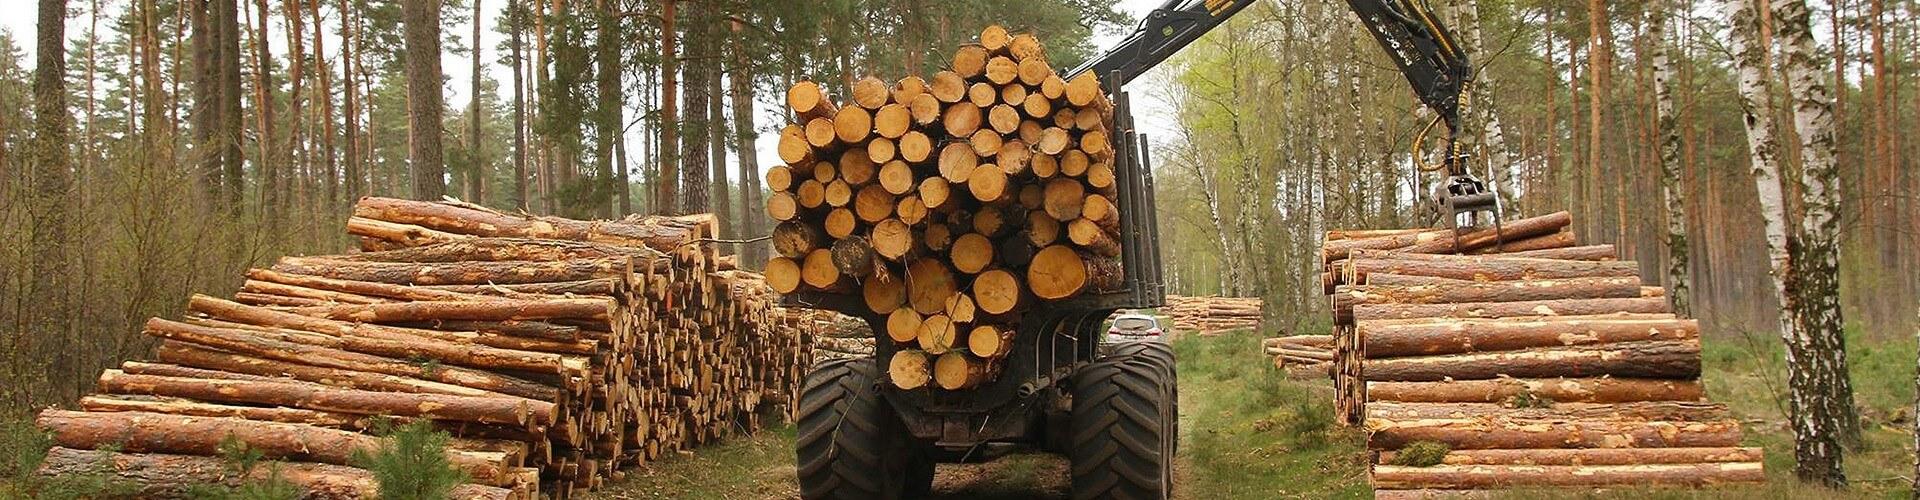 Baumpflege, Baumfällung und Sicherheitskontrollen